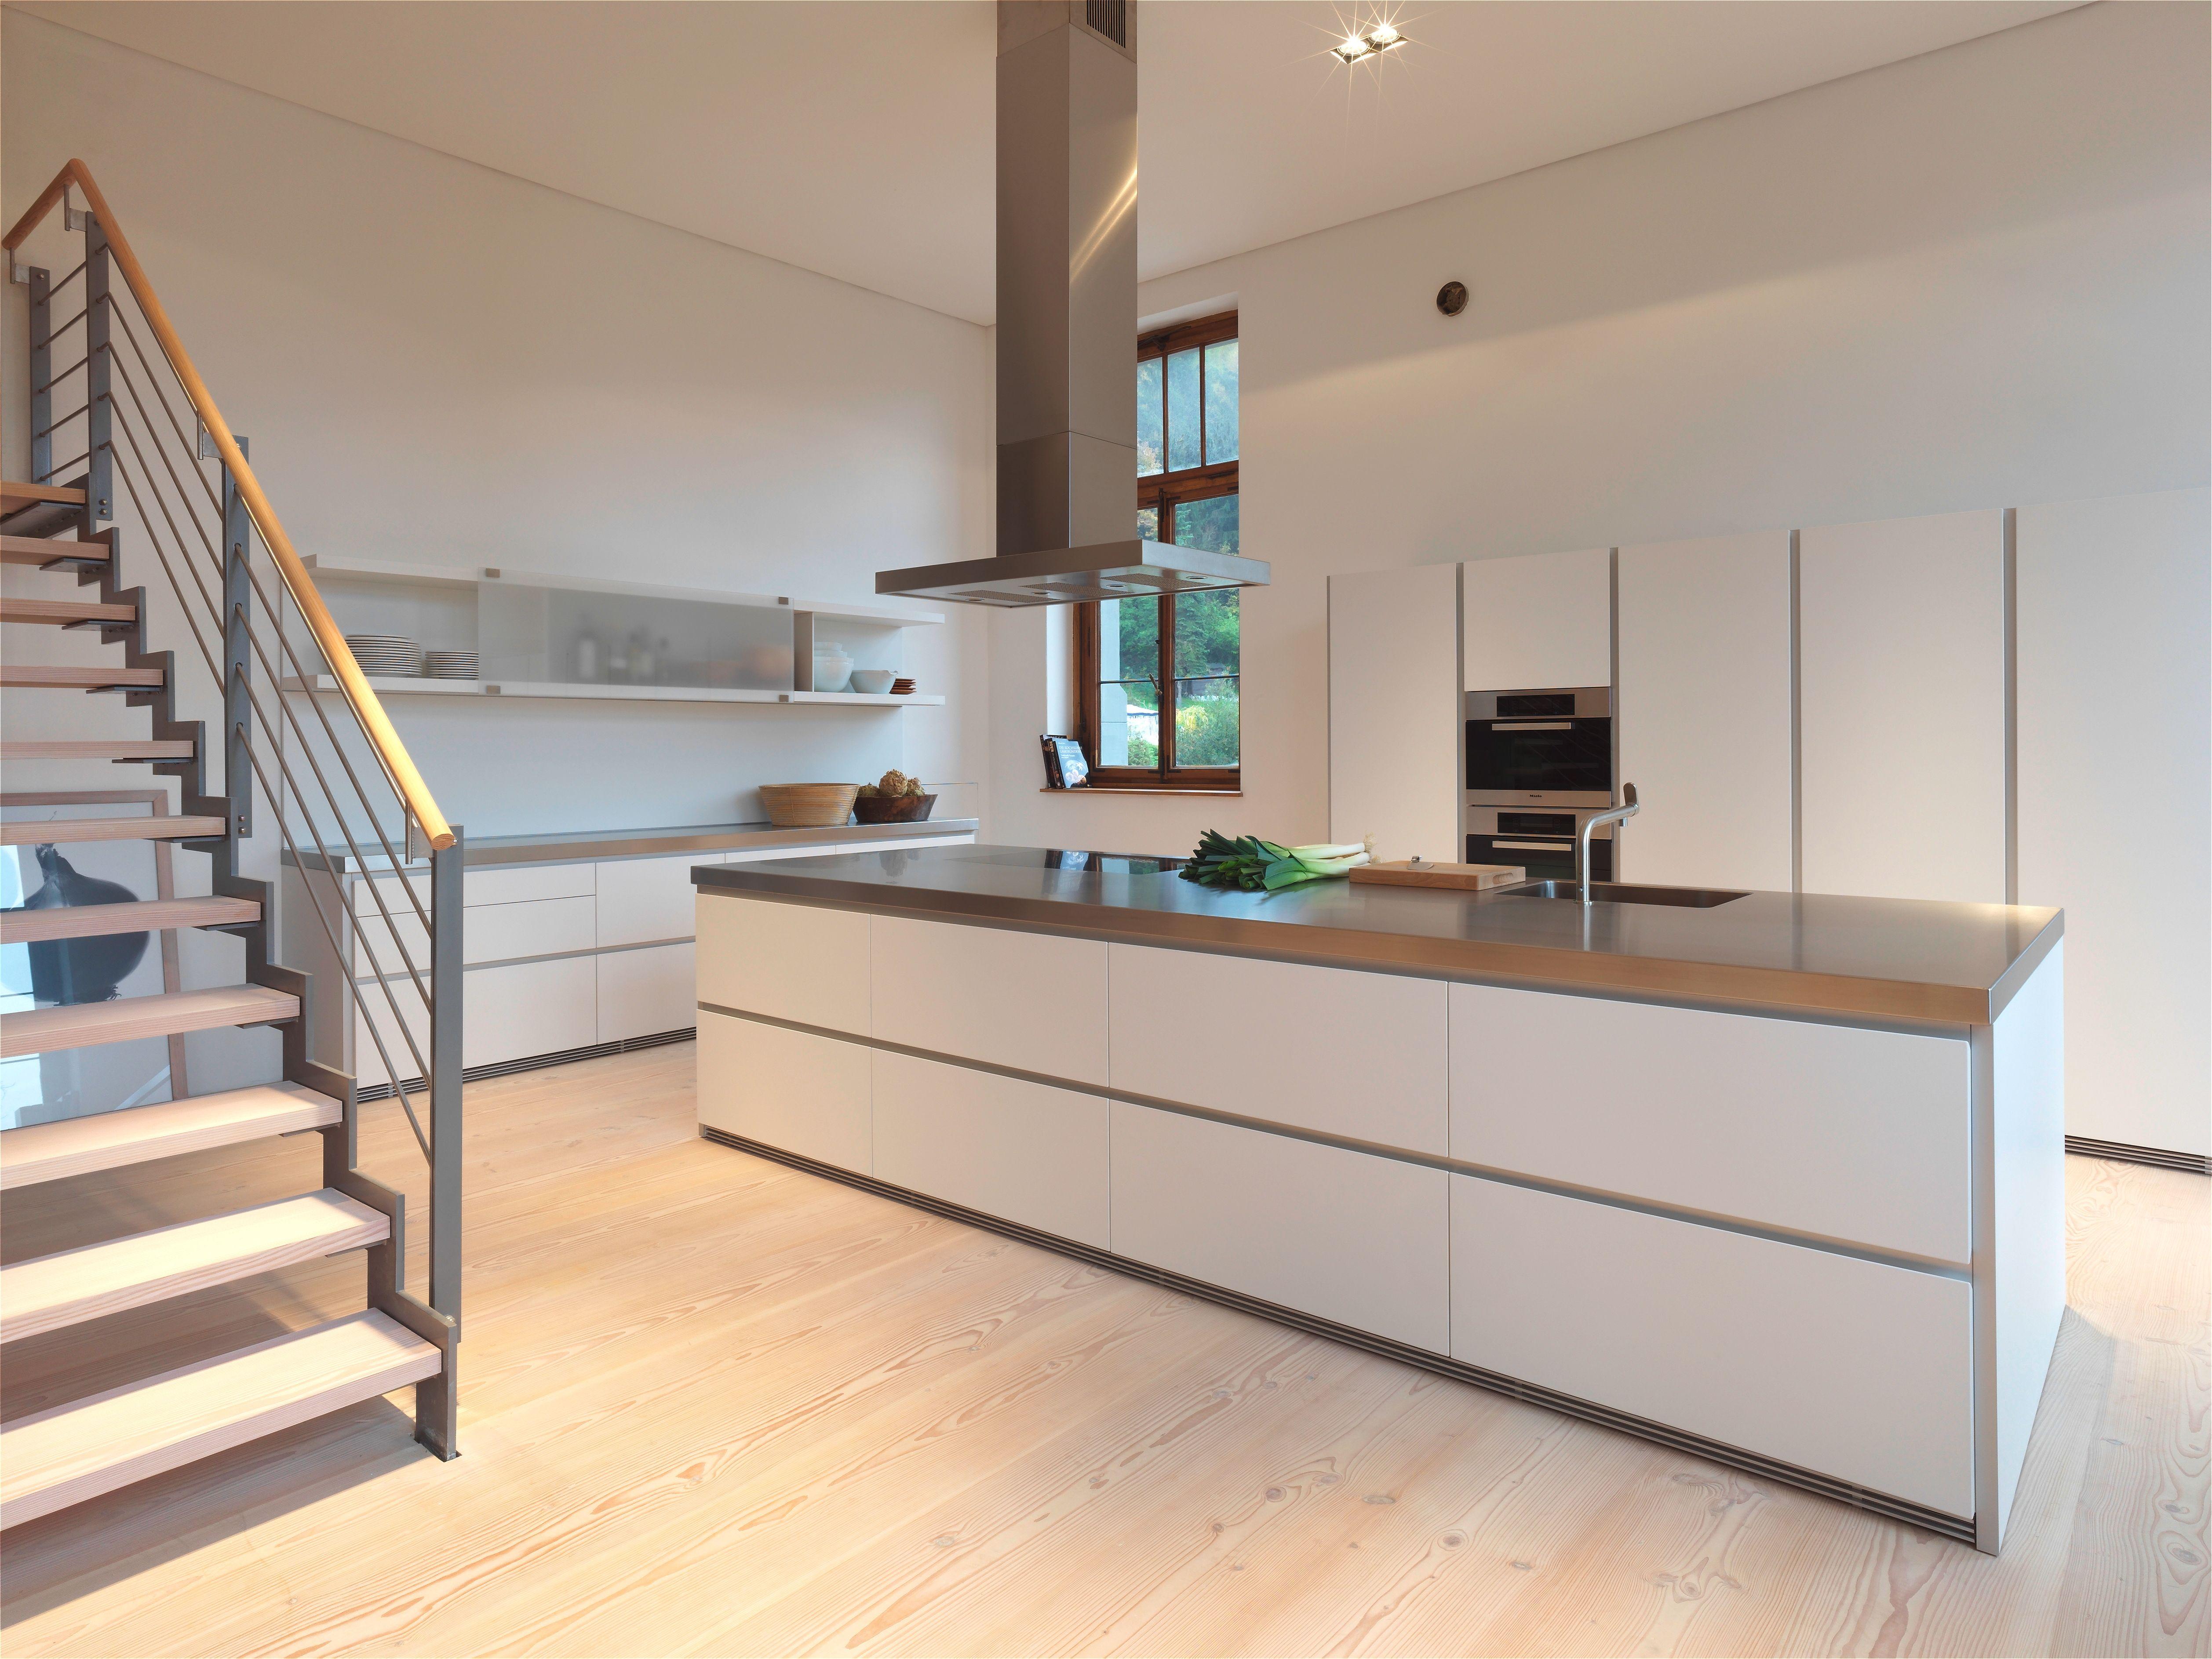 Bulthaup keuken b1 bij intermat mijdrecht modern strak design